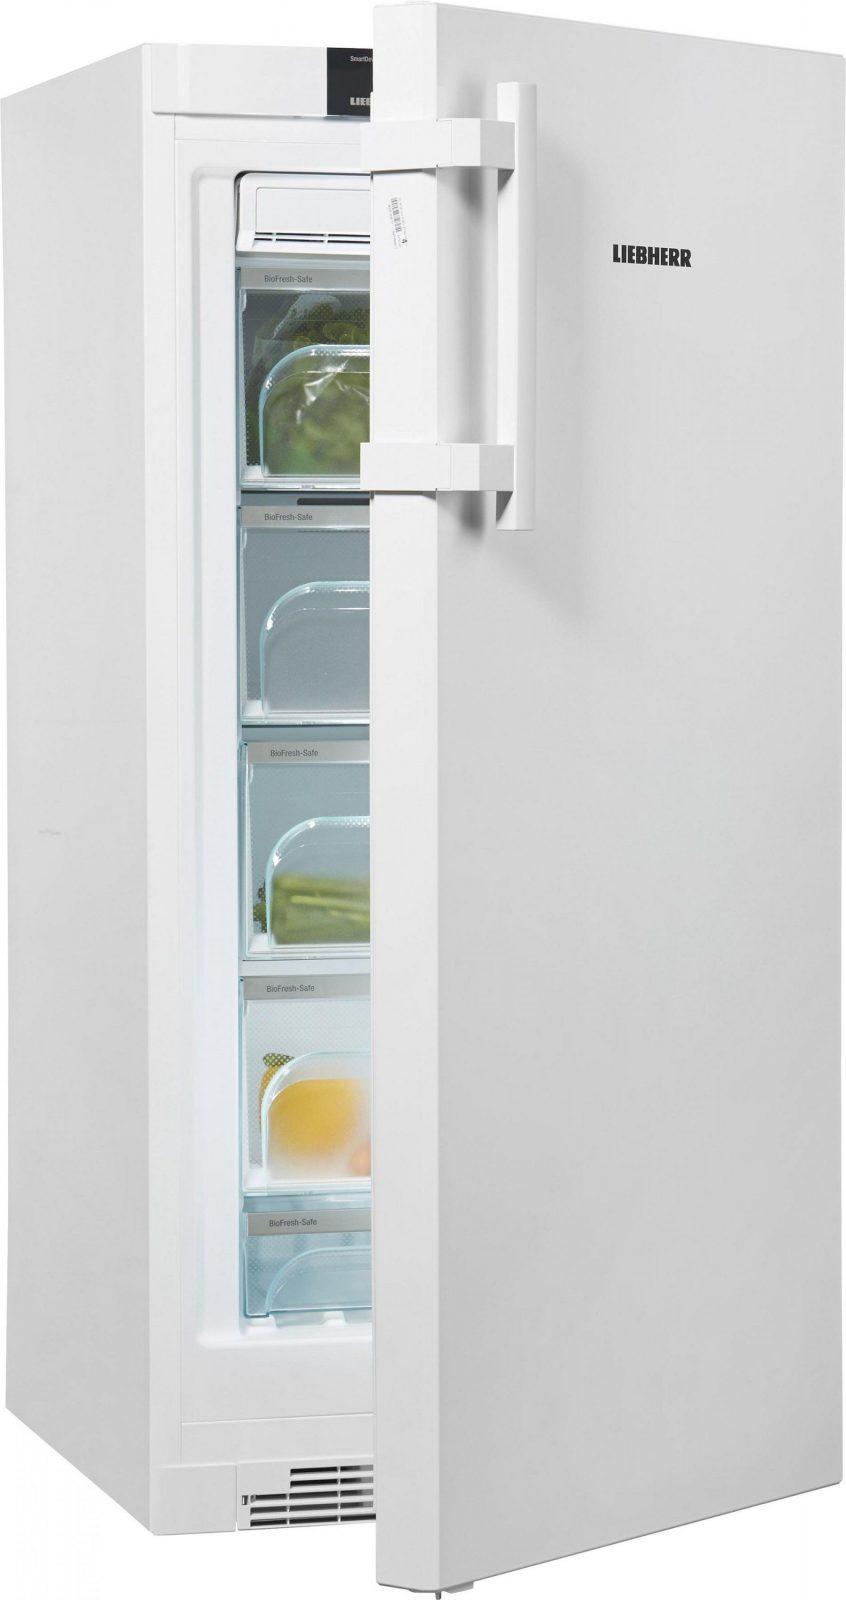 Liebherr Vollraumbiofreshkühlschrank B 285020 A+++ 125 Cm Hoch von Ersatzteile Für Liebherr Kühlschrank Bild